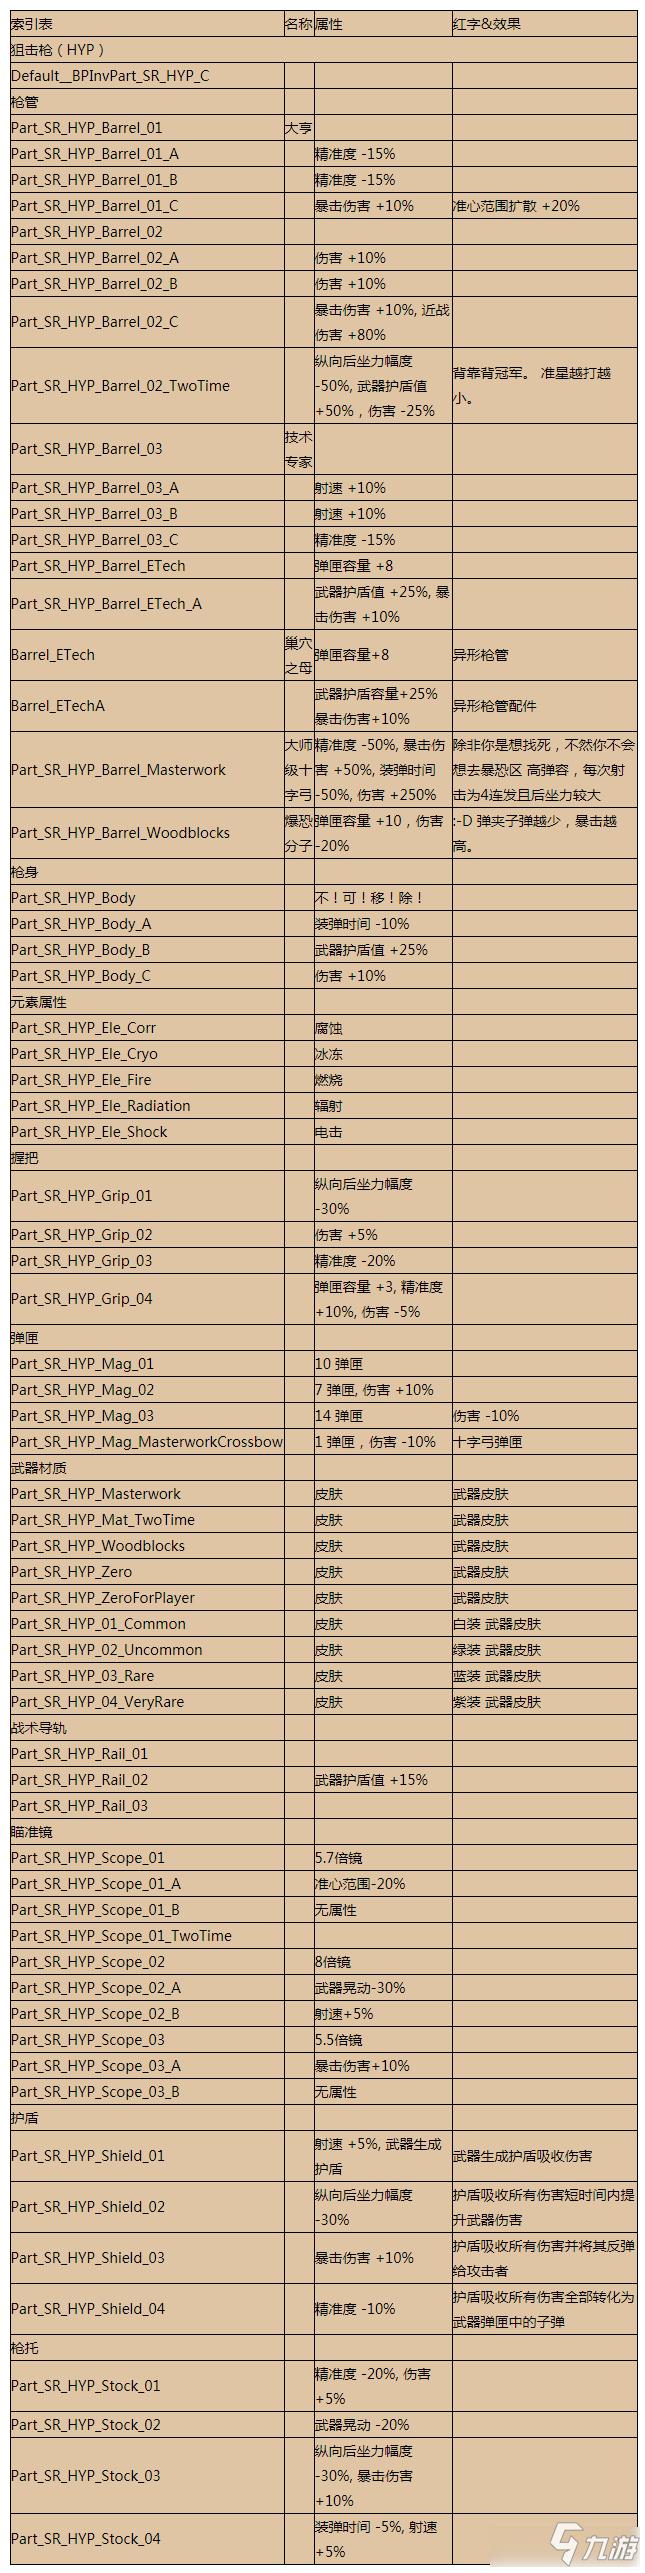 《无主之地3》亥伯龙狙击枪配件代码是多少 狙击枪配件代码表